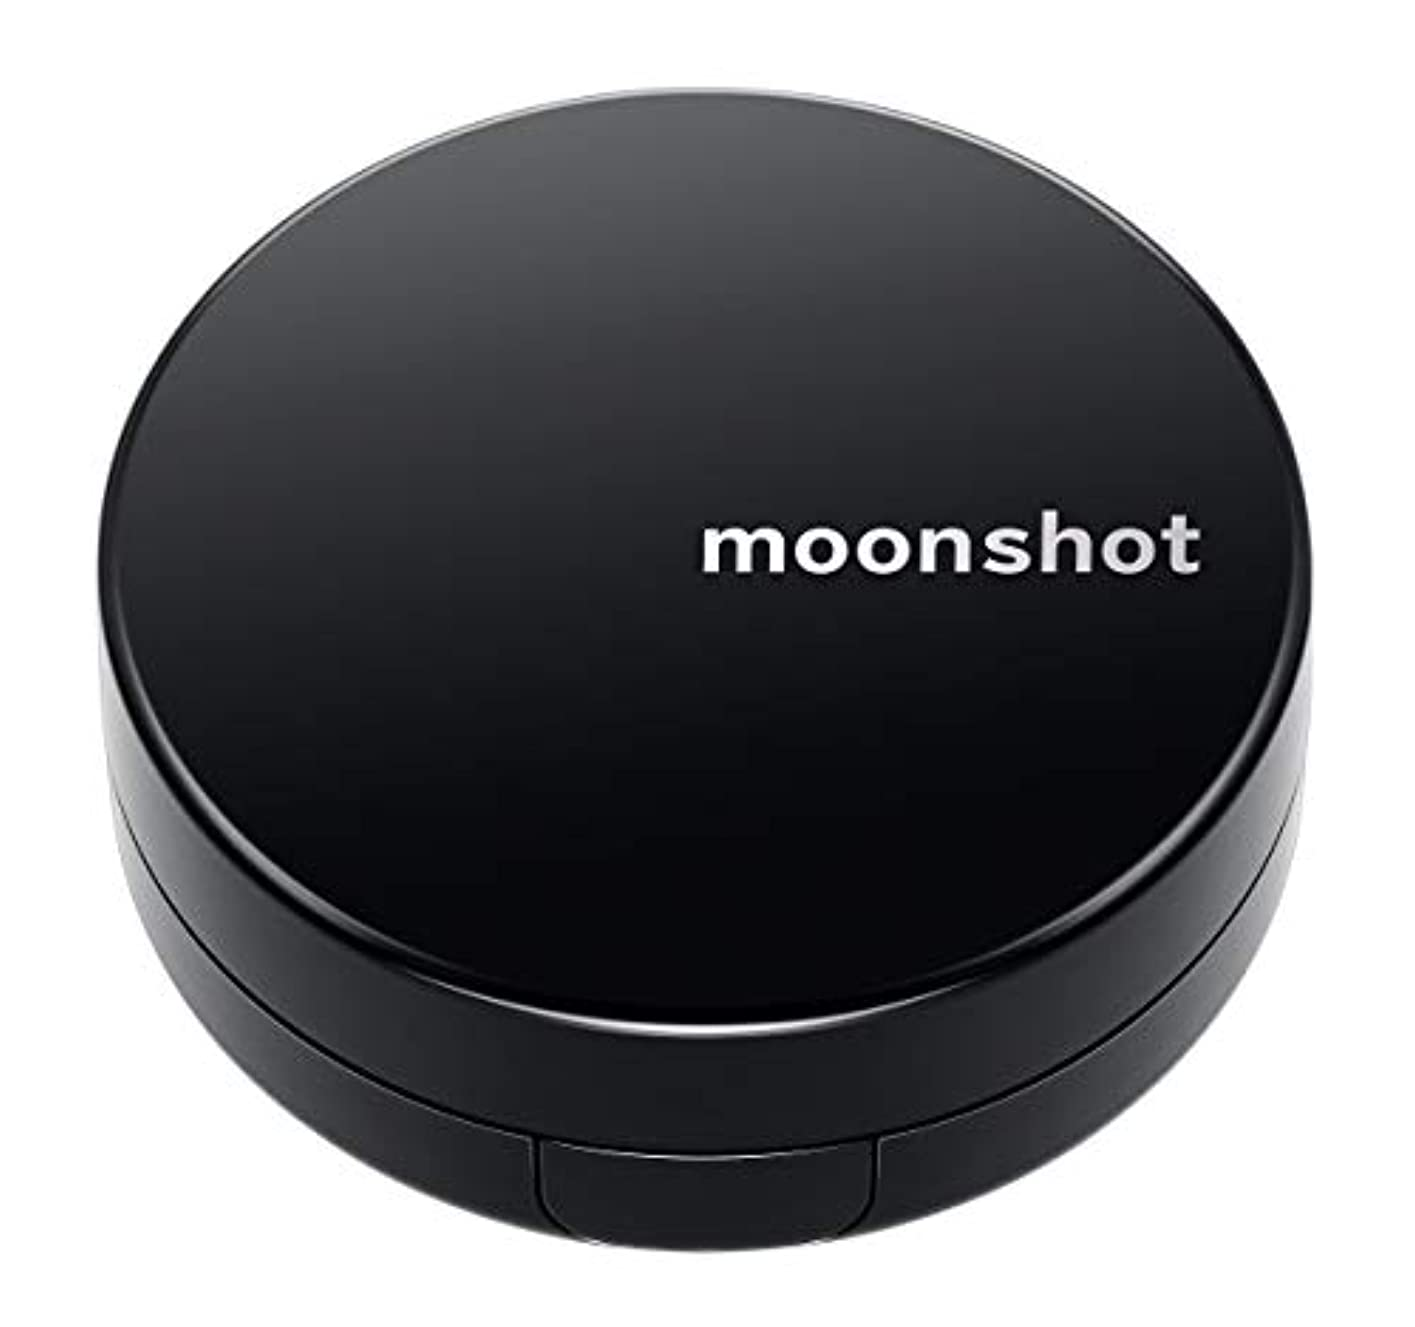 想定する手のひら買い手【moonshot × blackpink】自然なスキントーンと均一なカバー力 しわ改善 美白 紫外線遮断 ムーンショット マイクロフィットクッション201/正規品